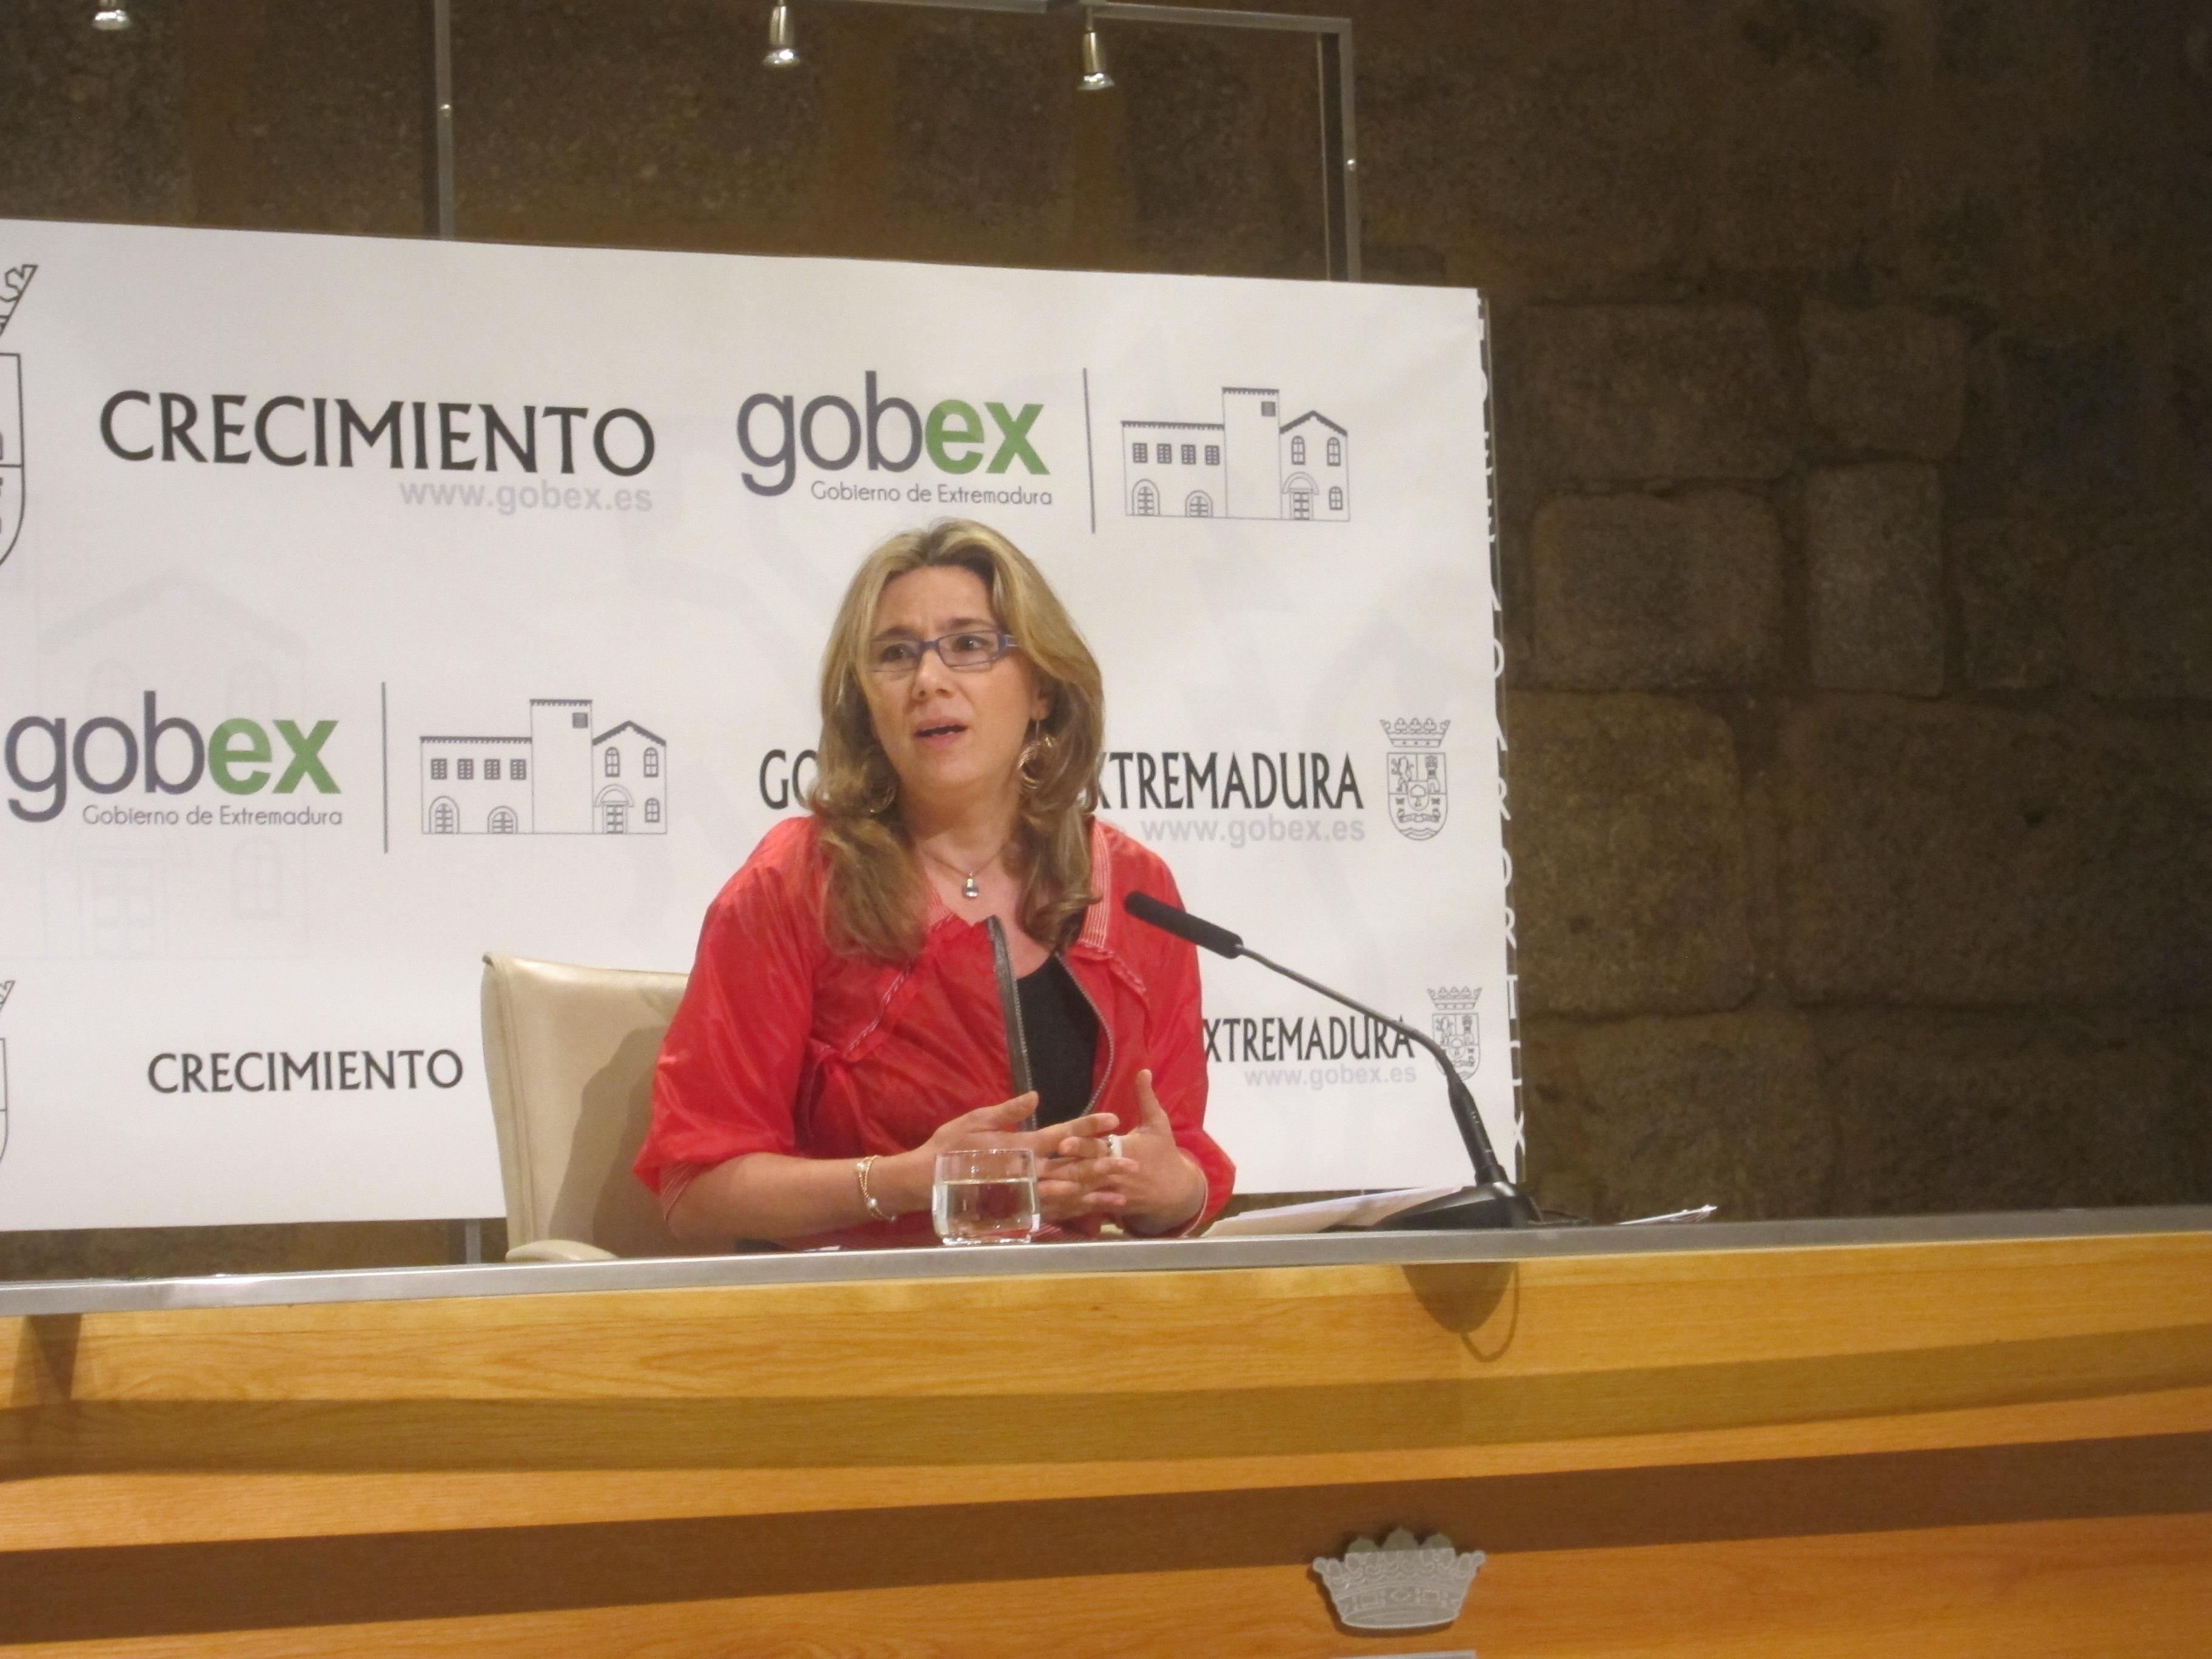 Extremadura contará con una Red de Escuelas de Investigación, Desarrollo Tecnológico e Innovación Educativa